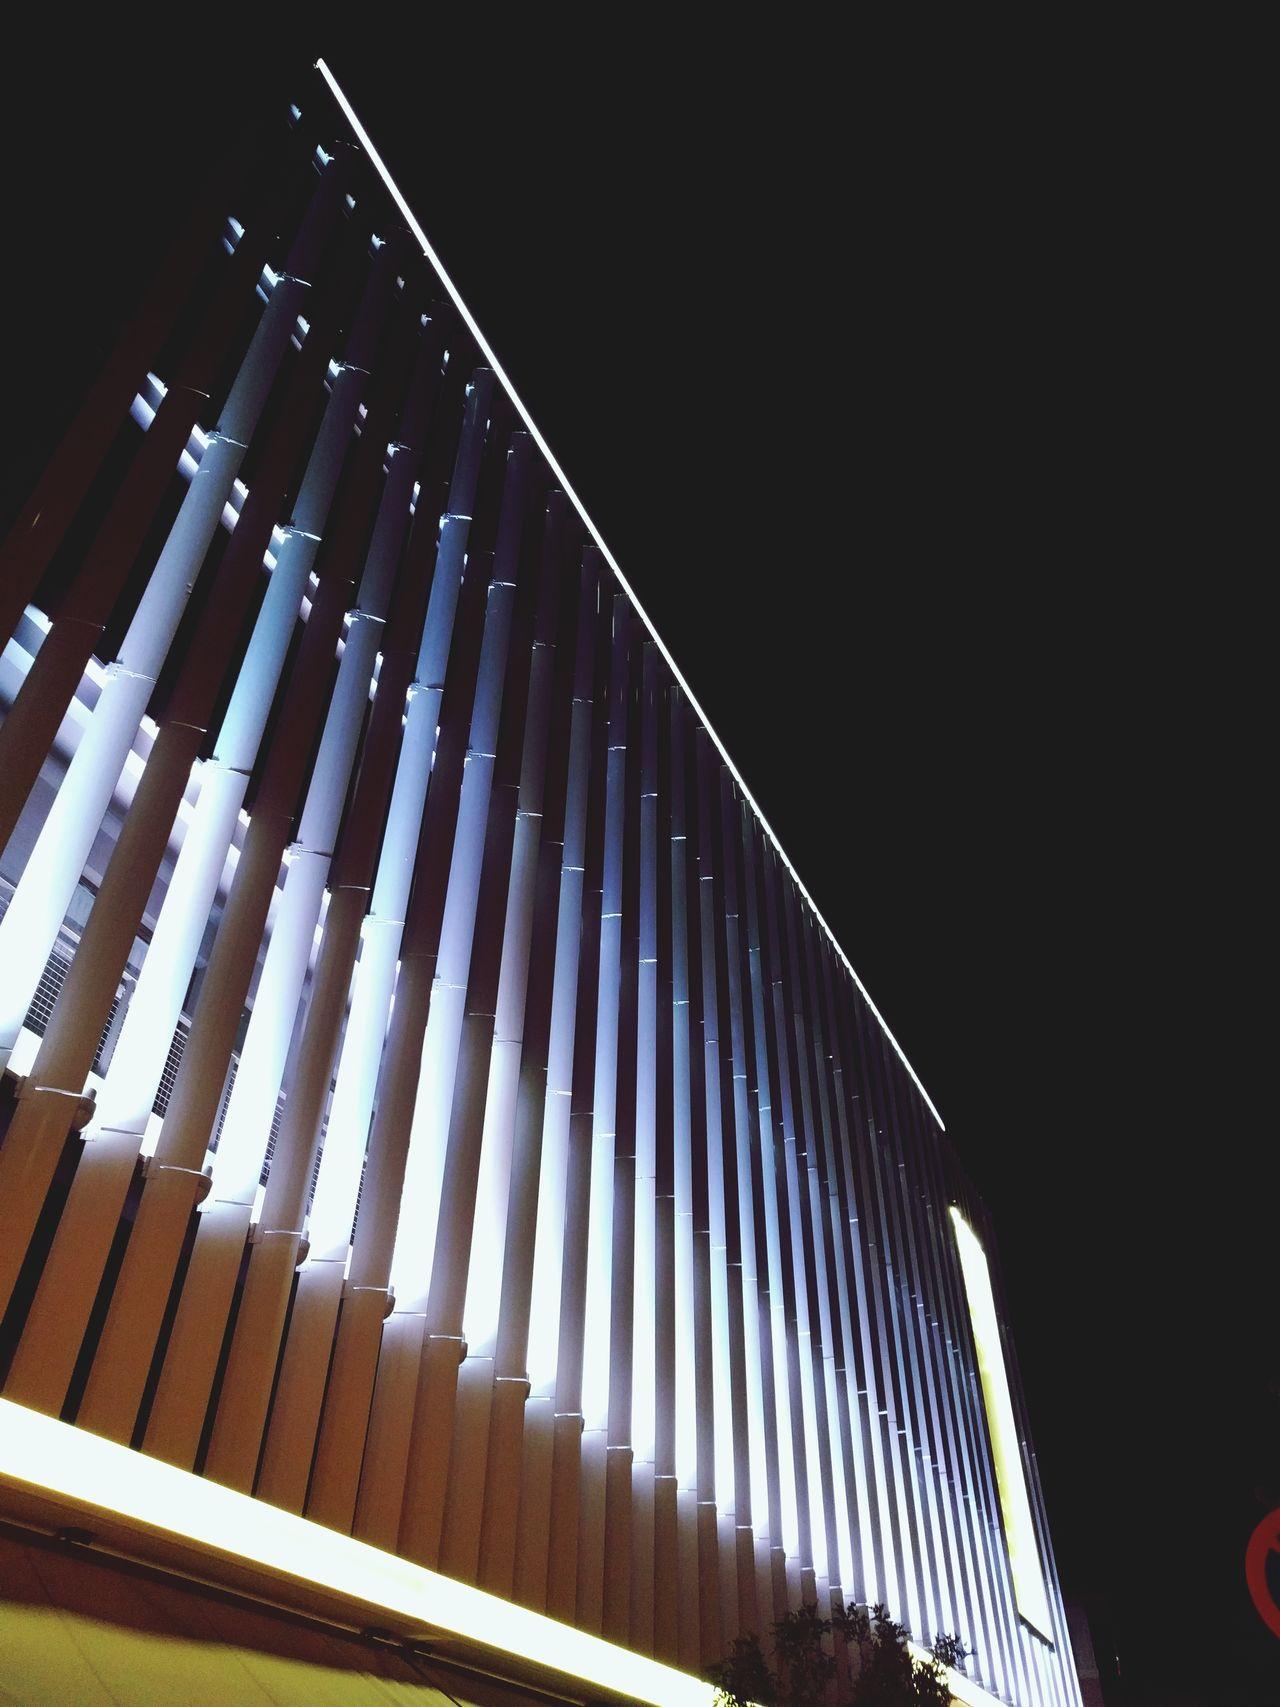 Hotel Line Night Architecture Black Background Eye4photography  Eye4photography  Eyeemphotography EyeEmNewHere The Week Of Eyeem Enjoying Life Colour Of Life Eyeemphoto Architecture